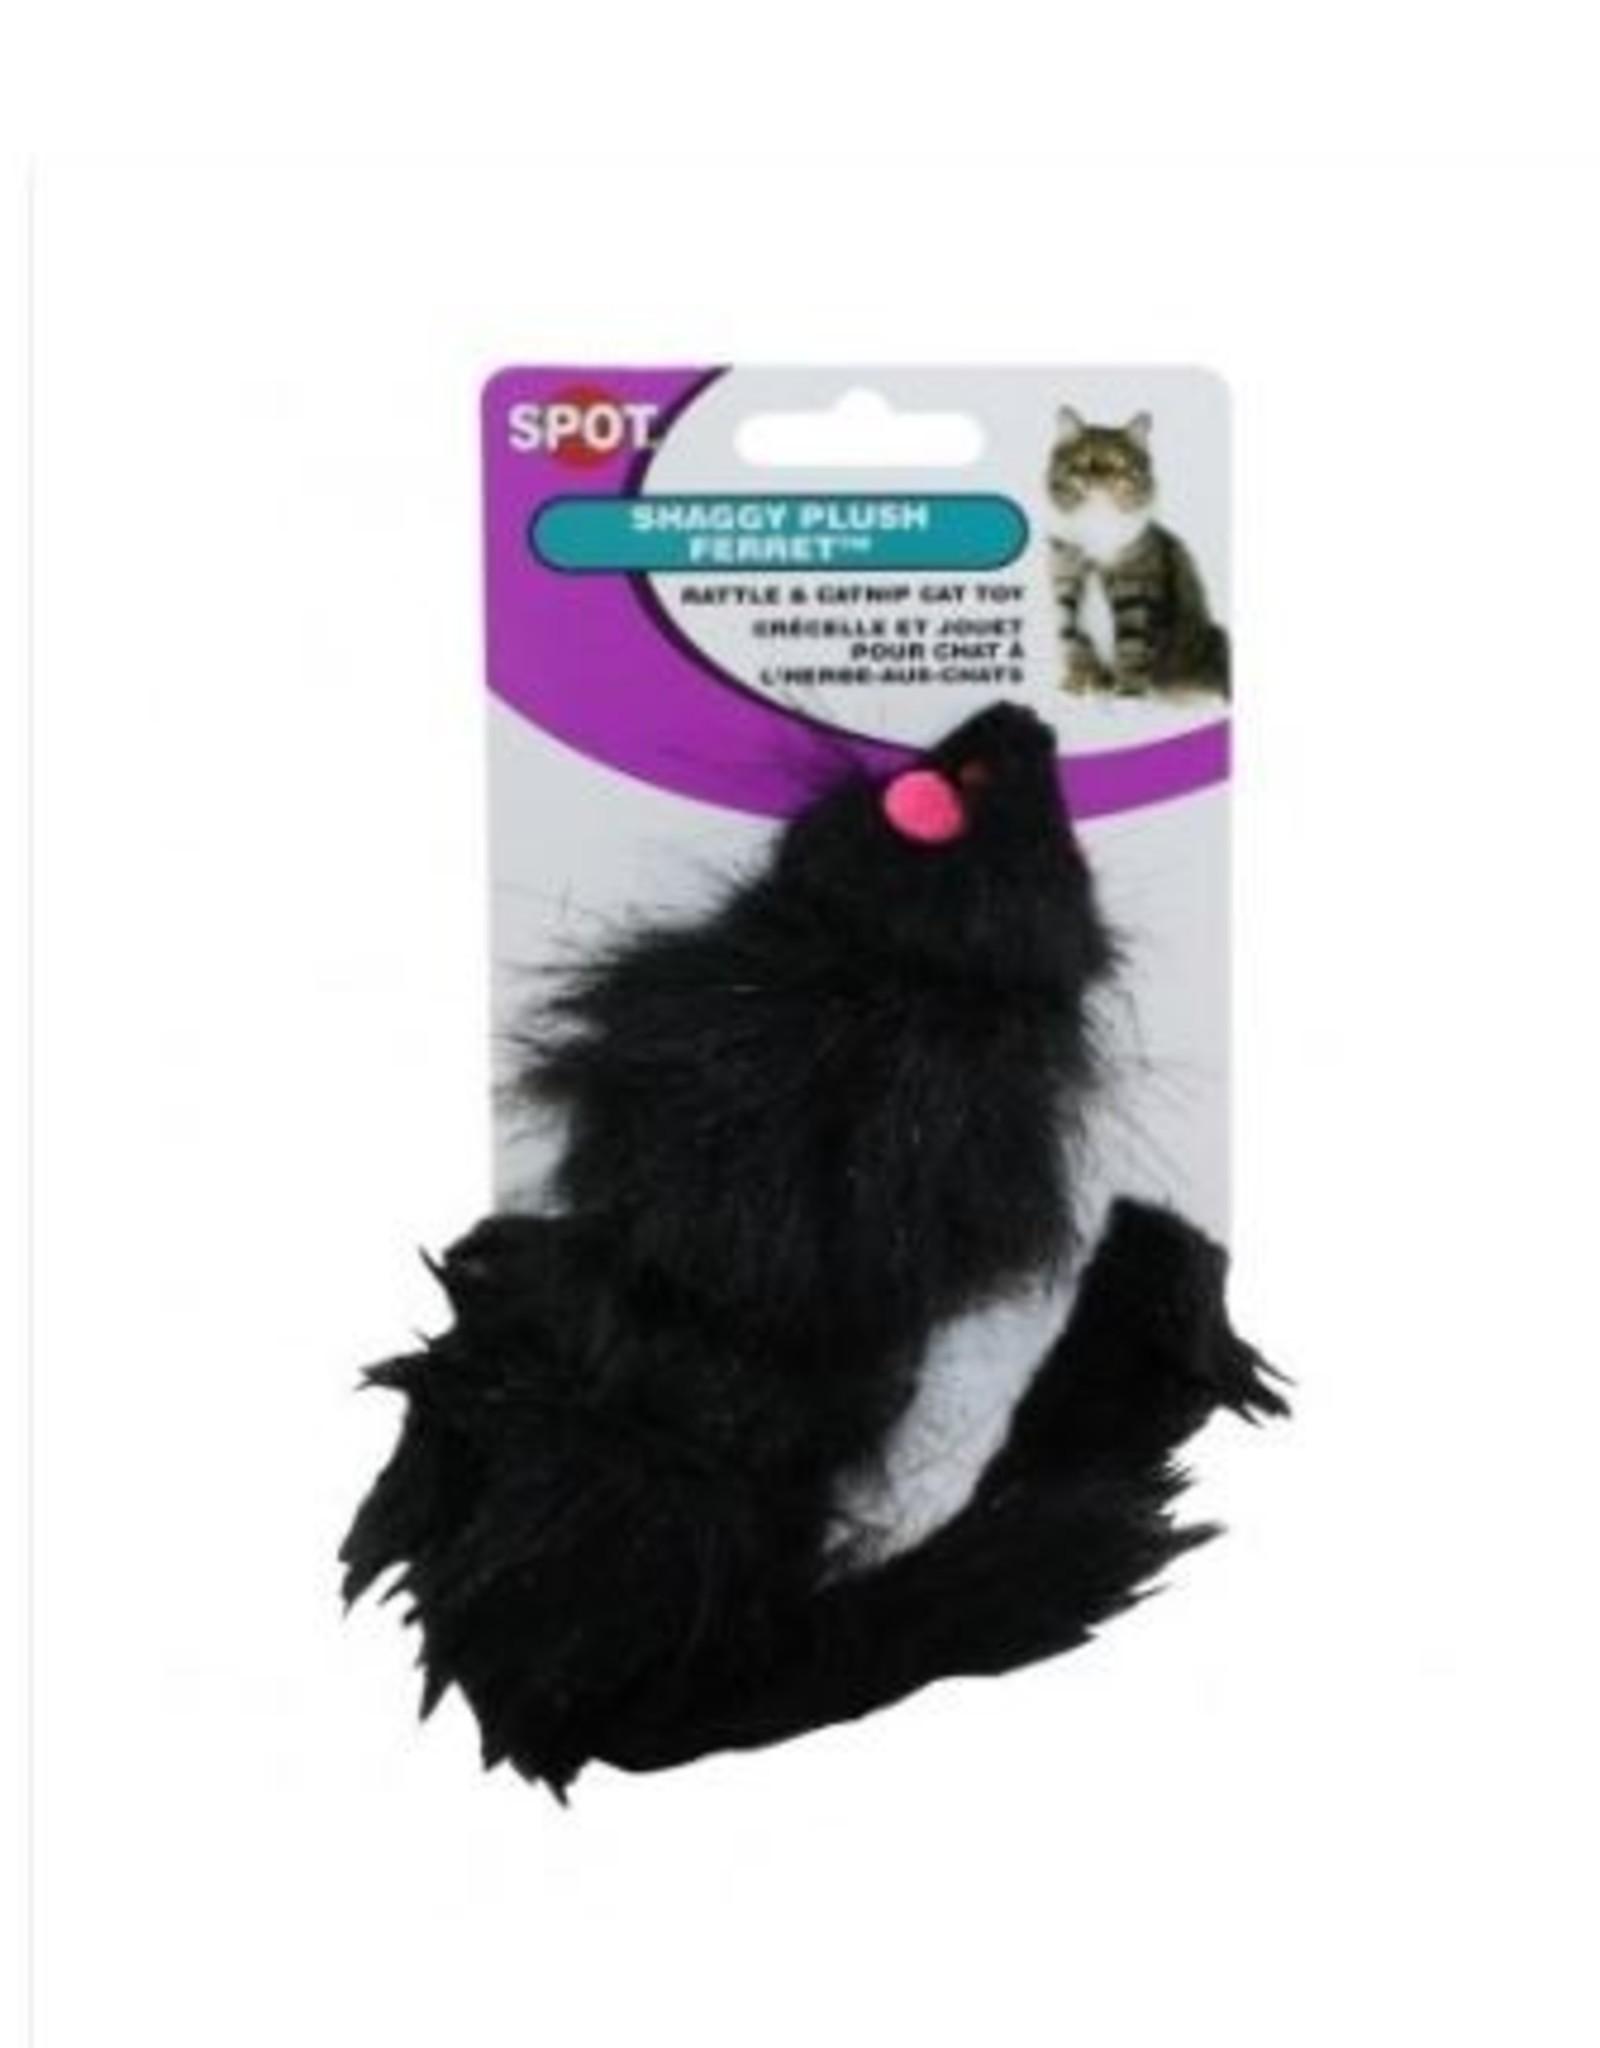 Ethical Shaggy Plush Ferret Rattle & Catnip